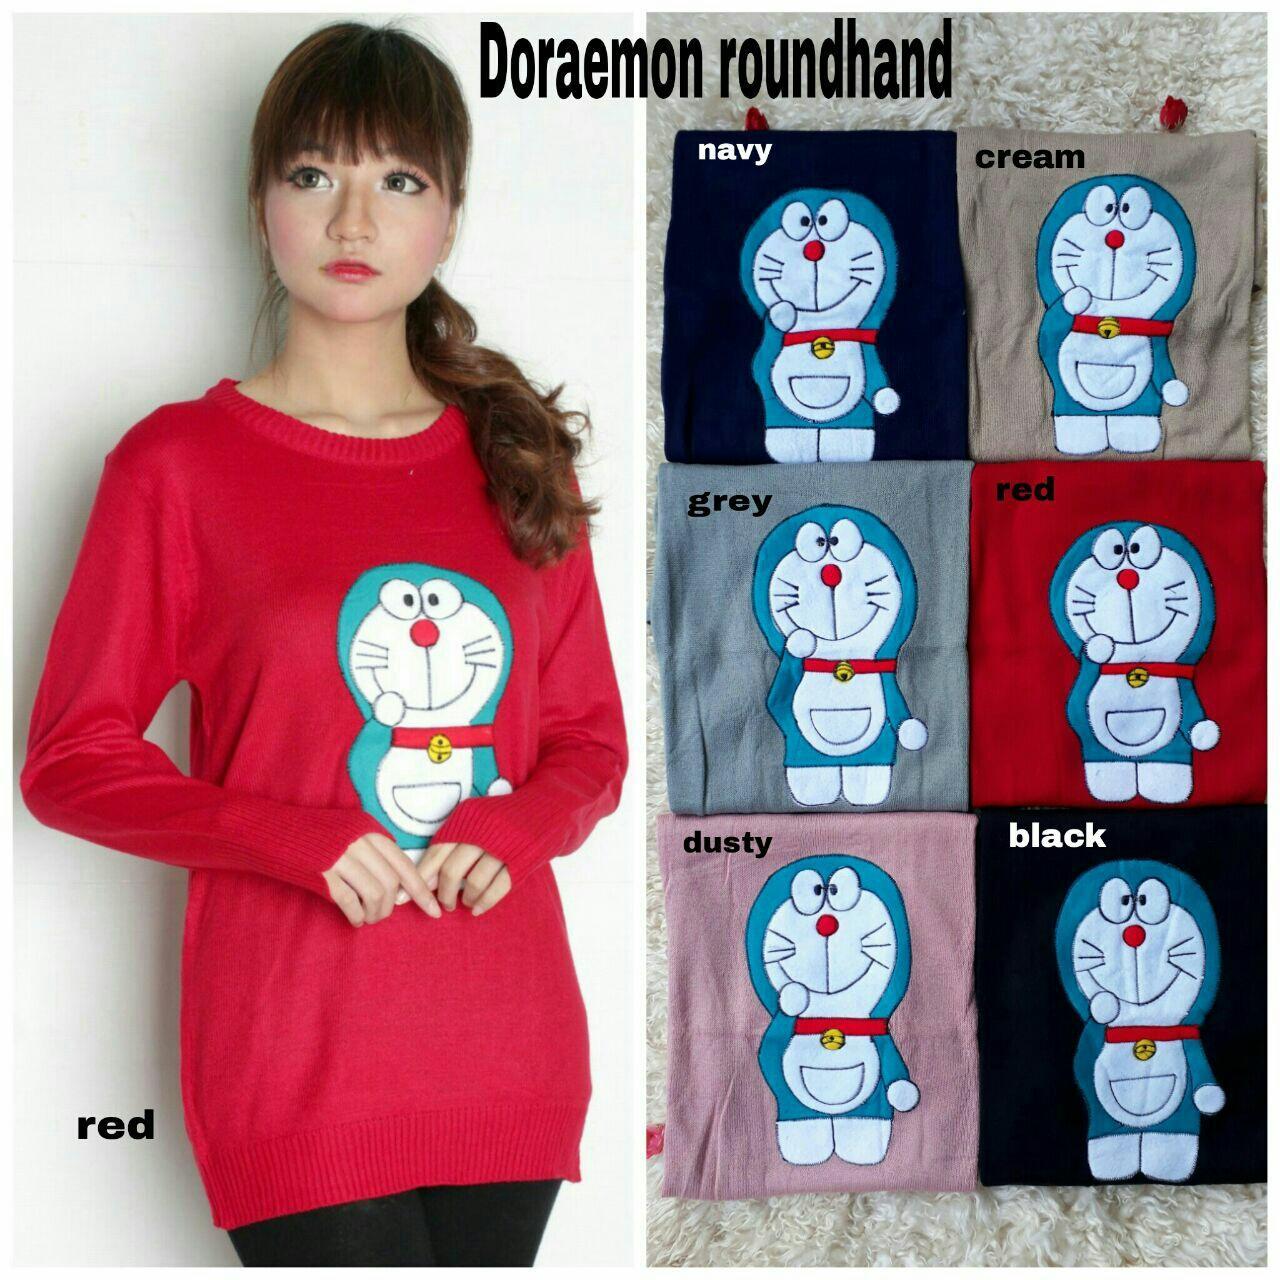 NV sweater doraemon rajut / Baju Wanita / Blouse Korea / Atasan Wanita / Baju Formal / Kemeja Wanita / Kemeja Formal / Atasan Muslim / Kemeja Cewek Tunik